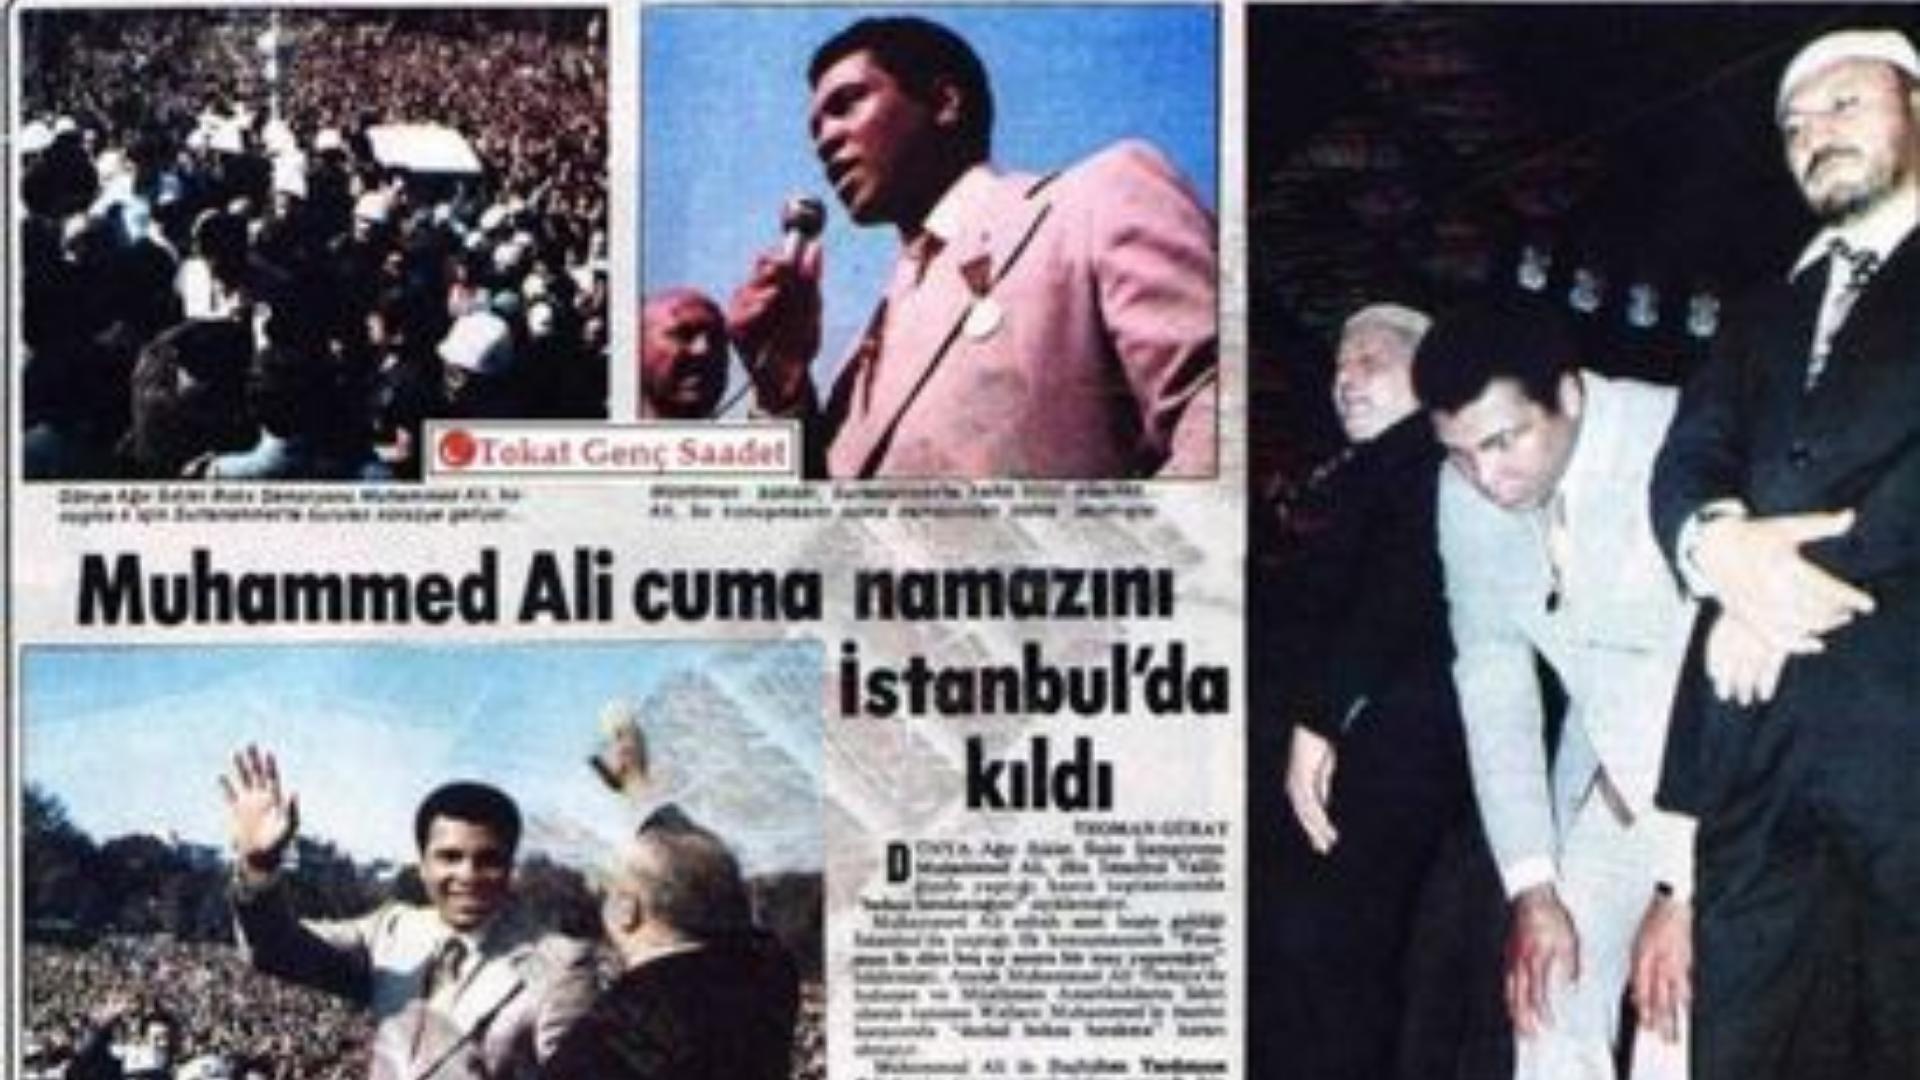 Muhammed Ali'nin namaz kılarken ki gazete manşetinin görseli.